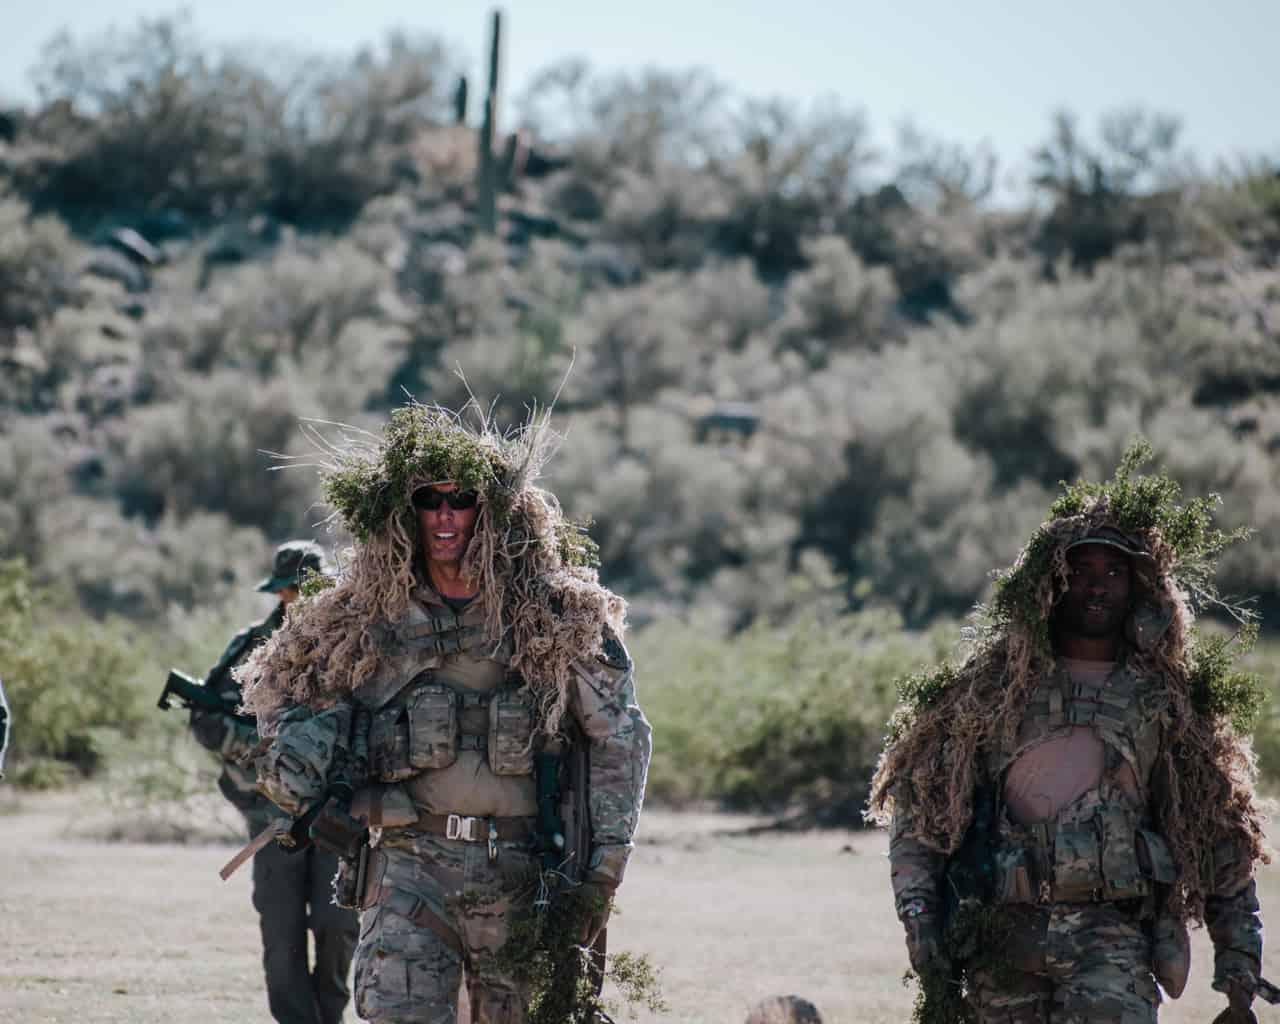 advanced-rural-sniper-course-17